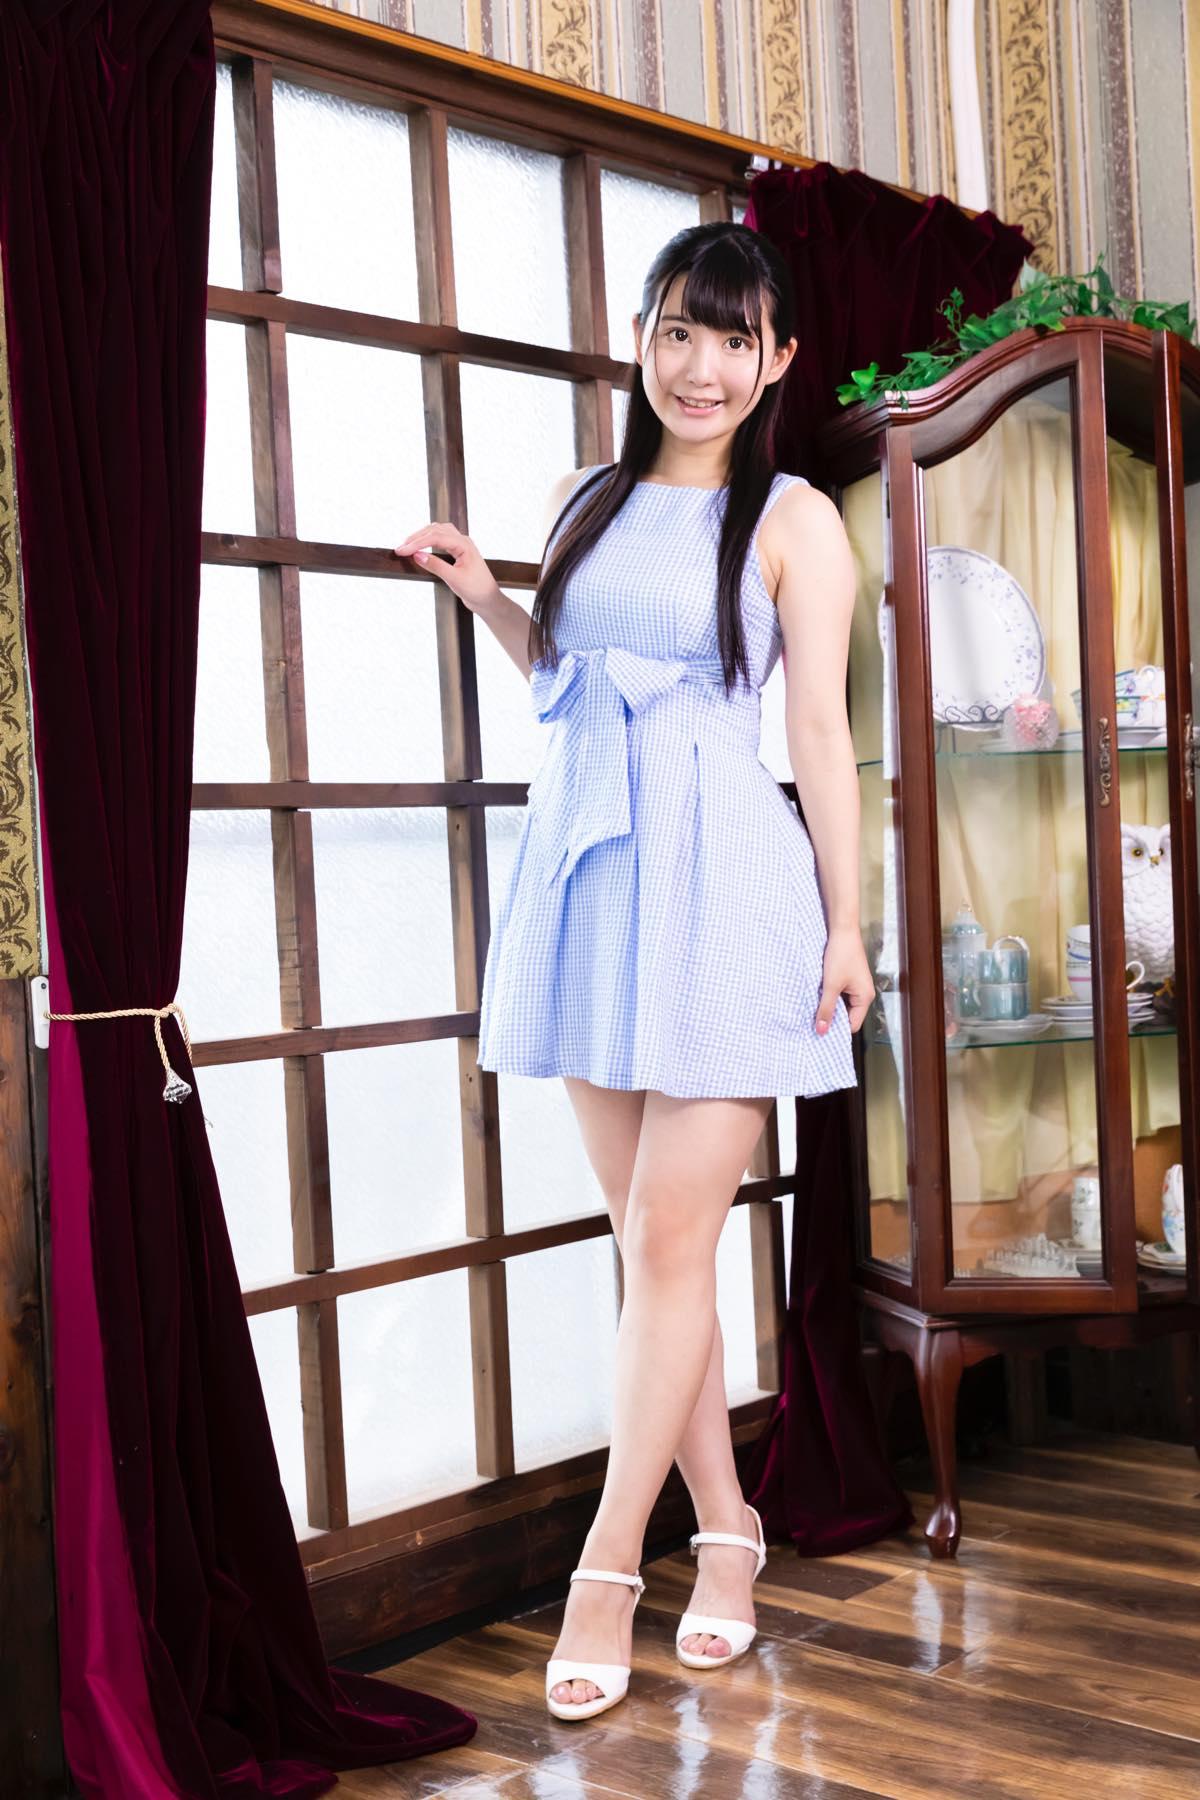 鈴木ことね「えっちなお嬢様」清純派美少女が大胆になっちゃった【画像12枚】の画像007